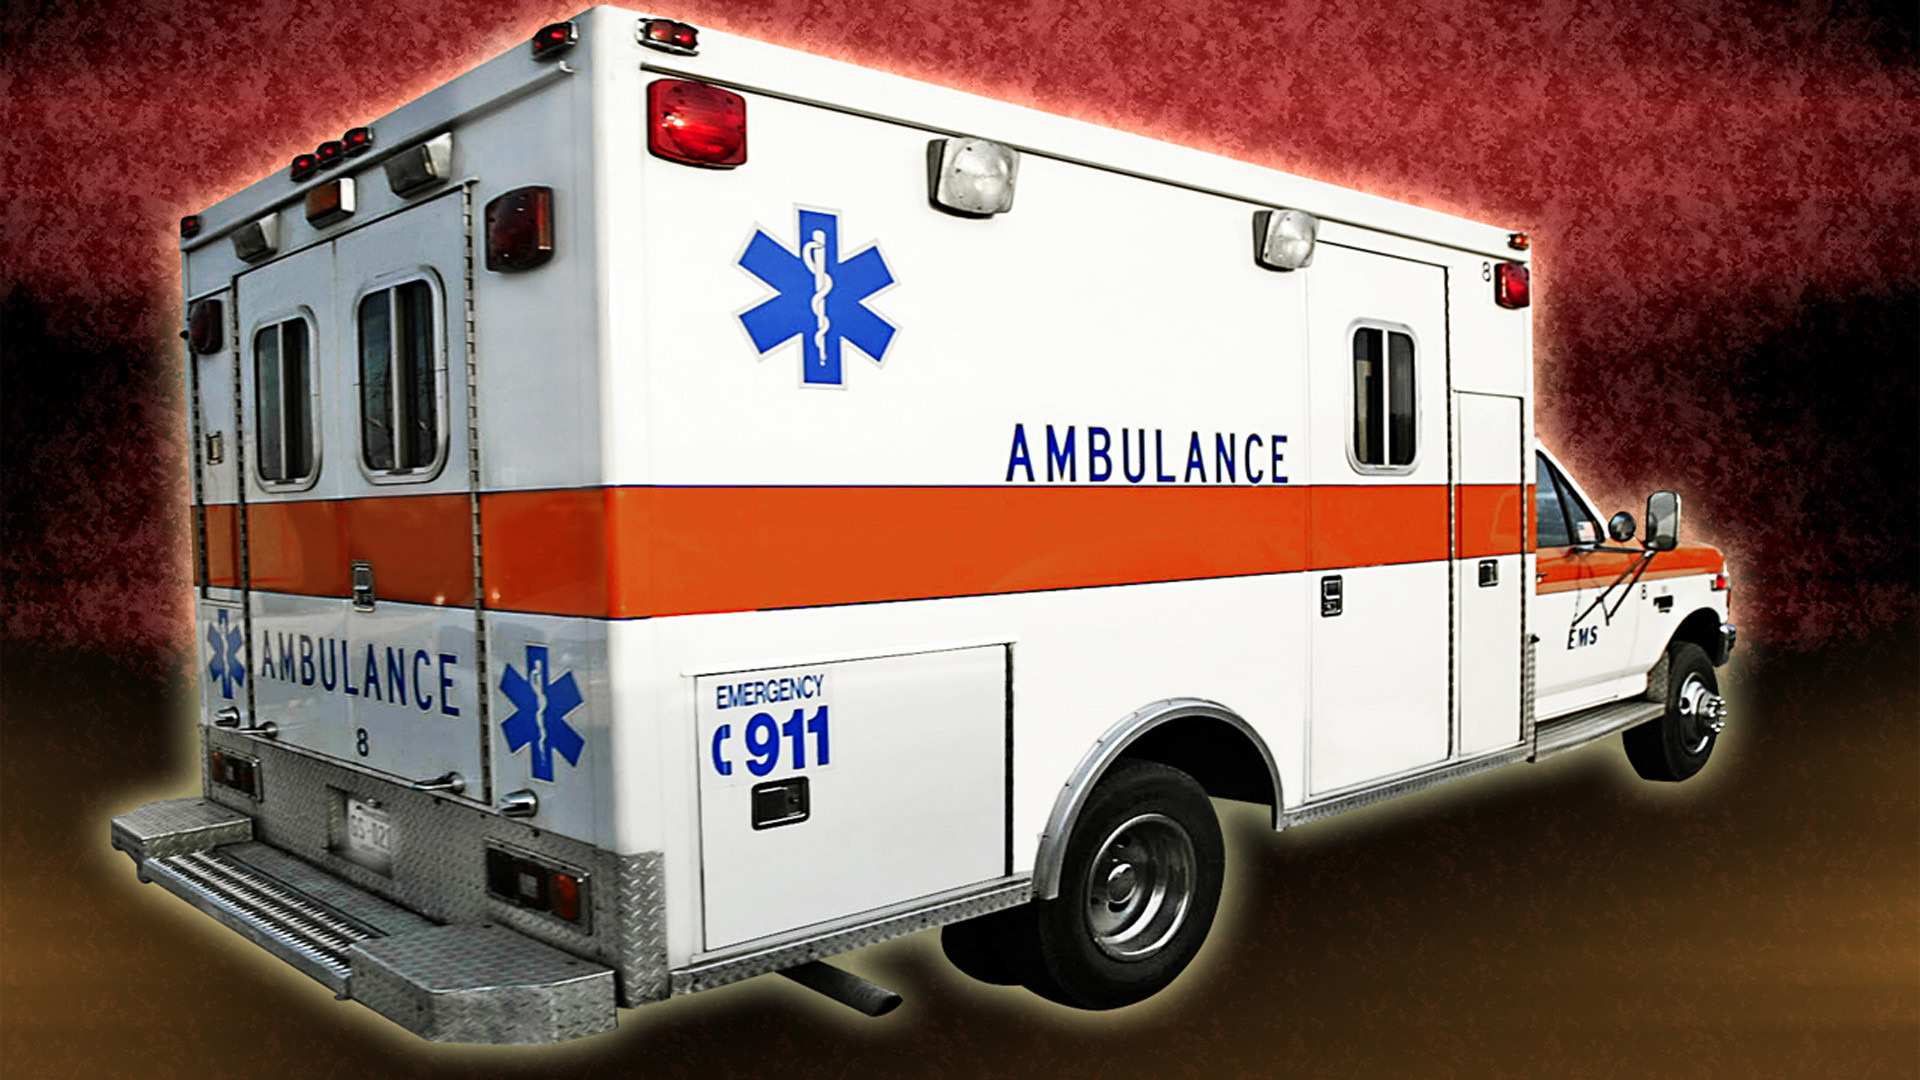 Show Rescue 911